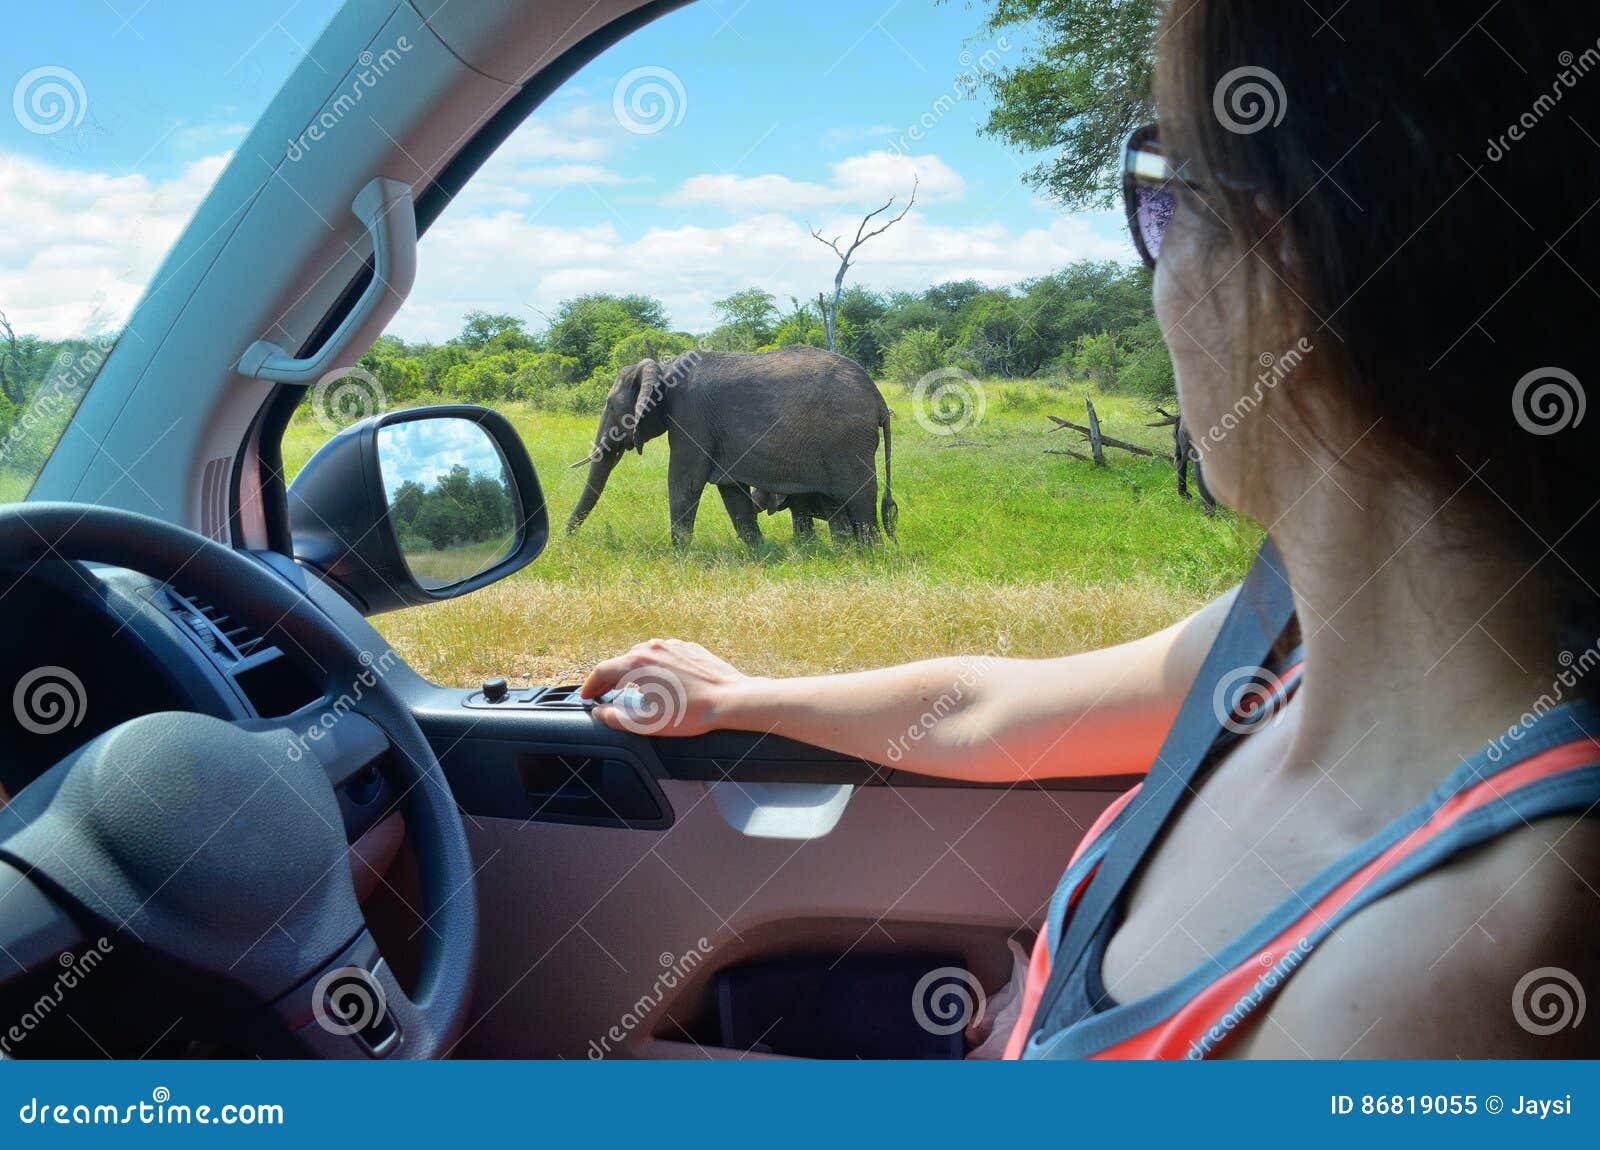 Turista da mulher em férias do carro do safari em África do Sul, olhando o elefante no savana